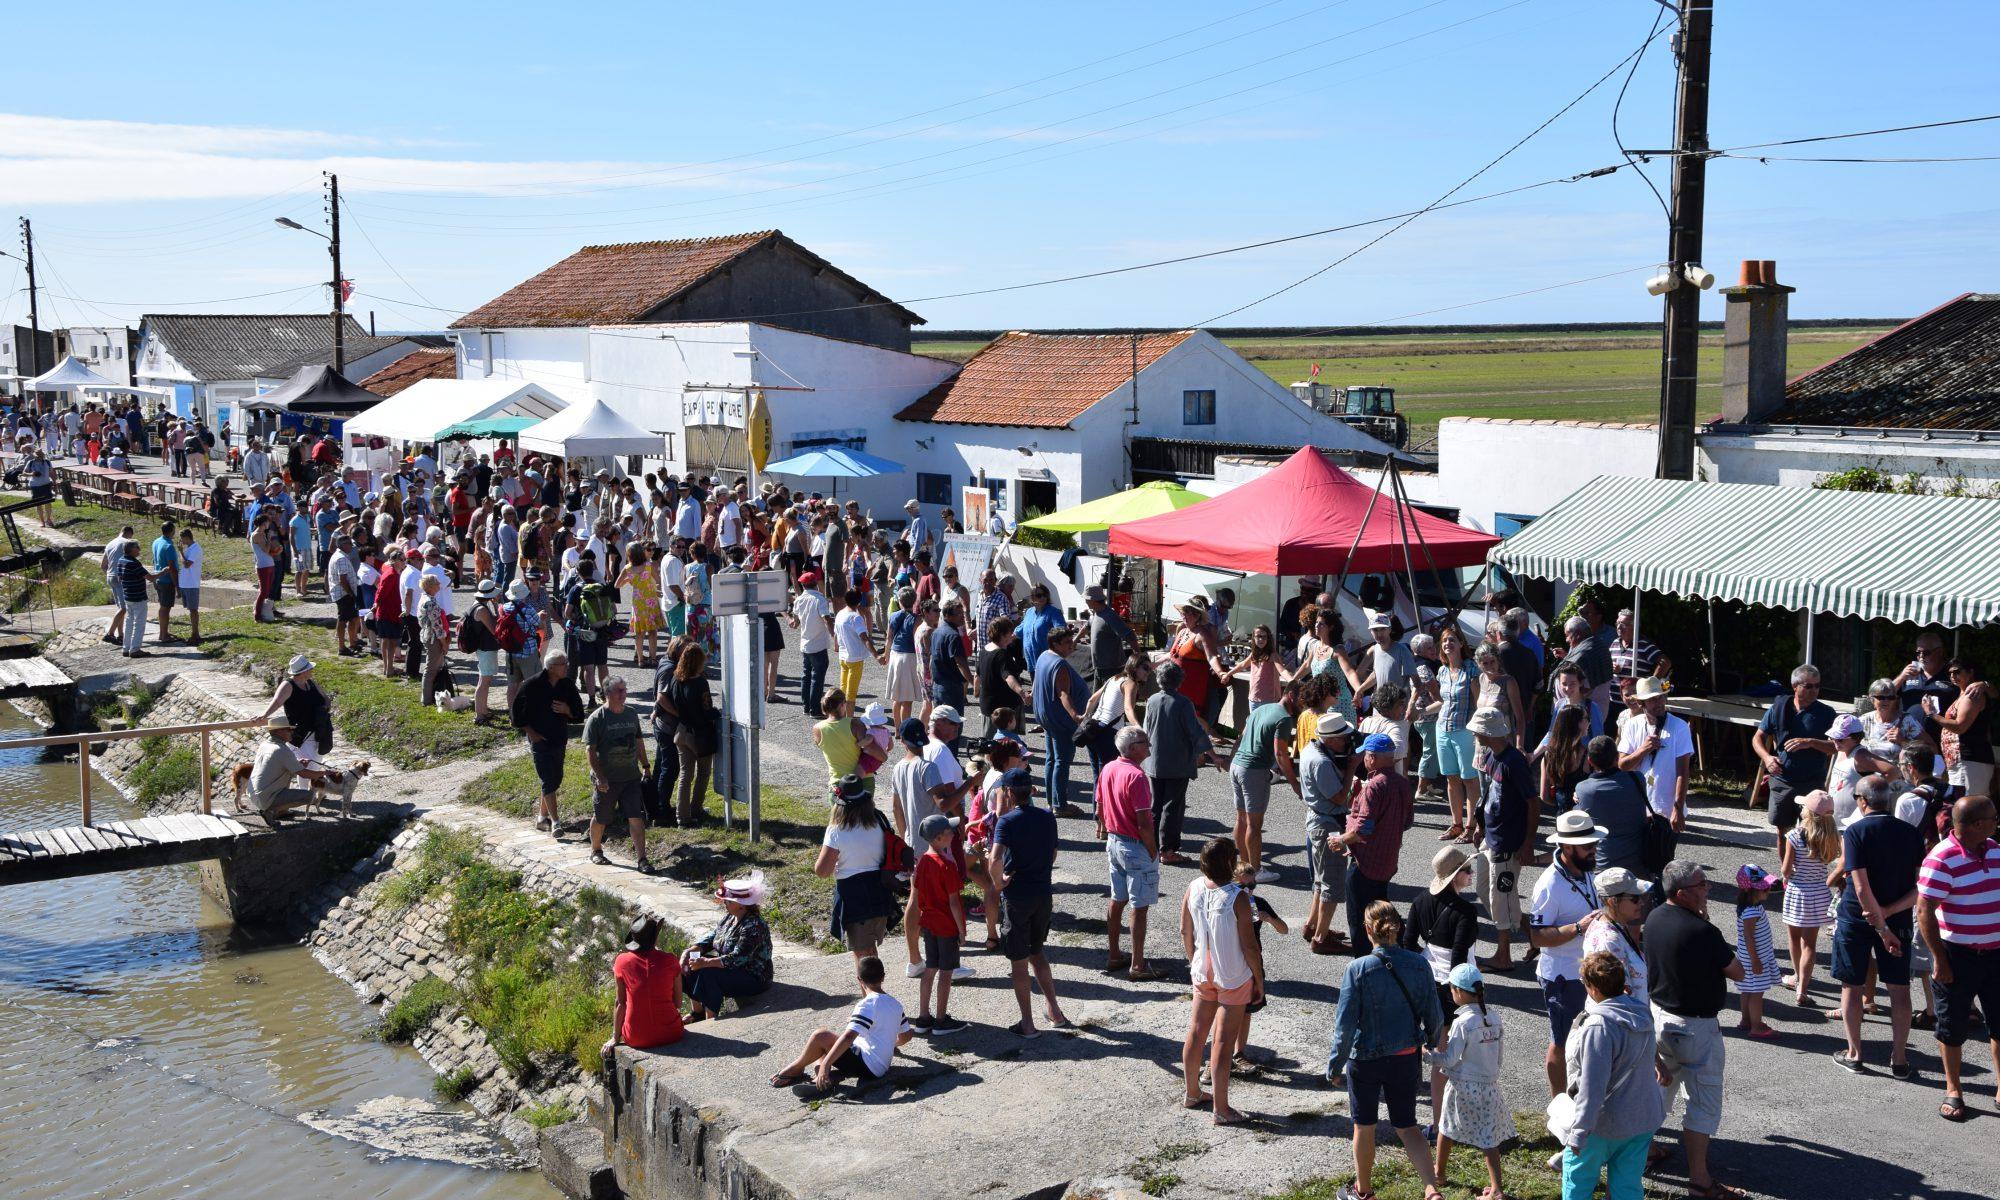 festival-les-insolites-bouin-vendee